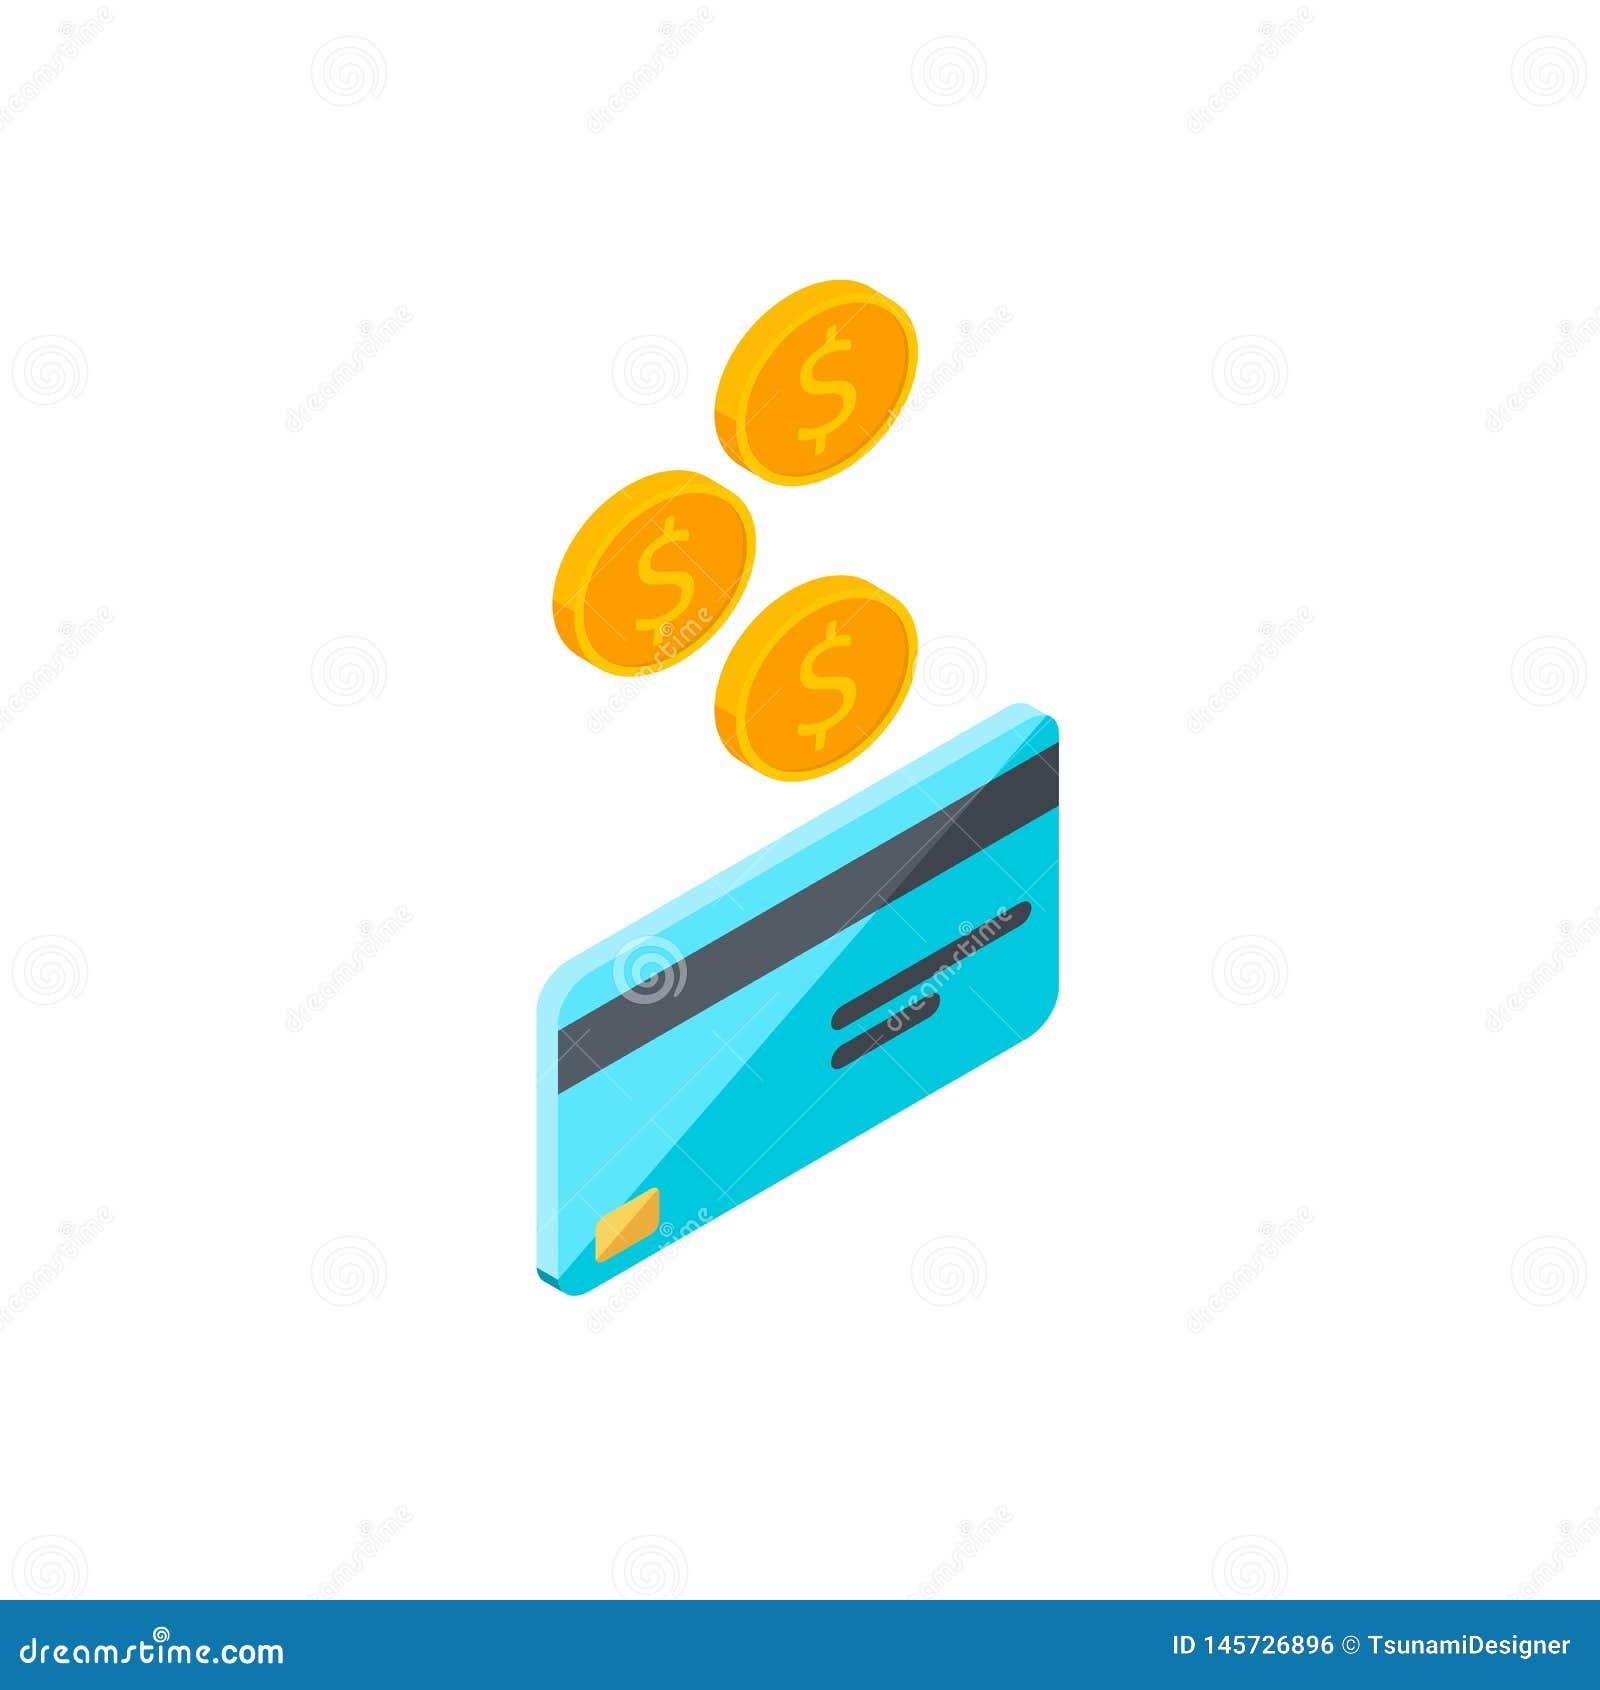 Кредитная карточка, зарабатывает деньги, равновеликие, монетку, финансы, карту банка, дело, вектор, наличные деньги для того чтоб